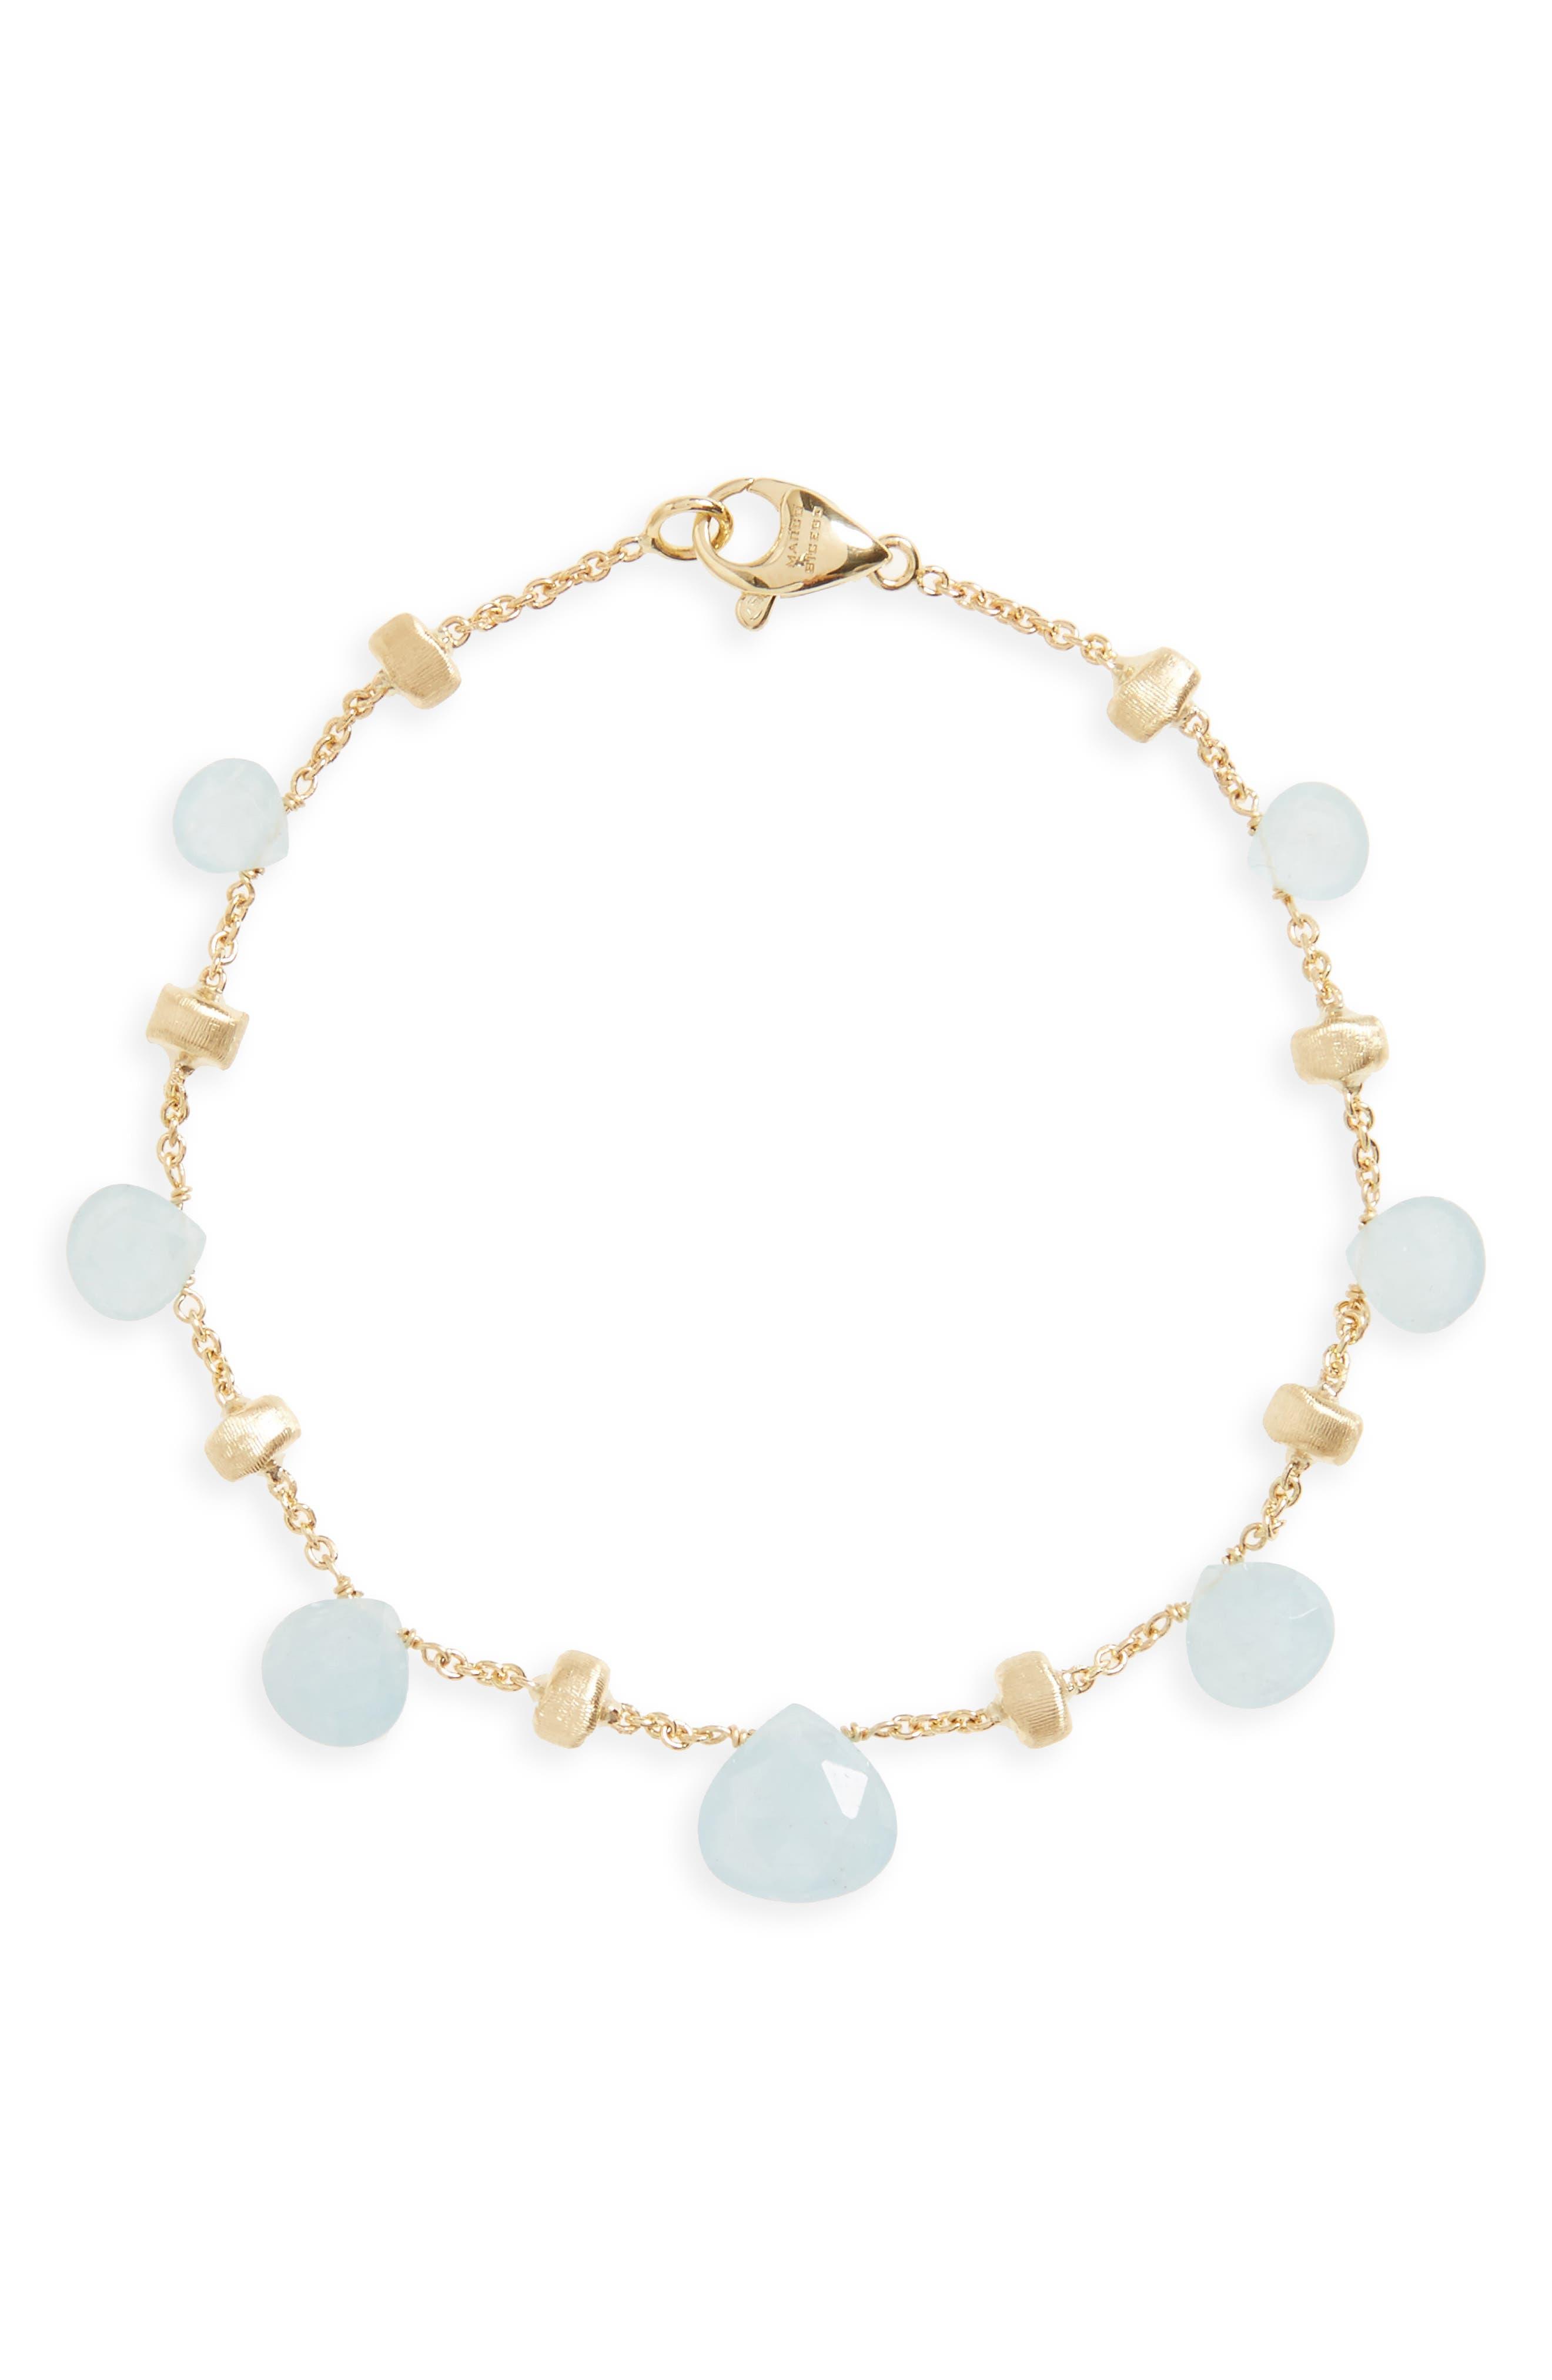 Main Image - Marco Bicego Paradise Single Strand Bracelet